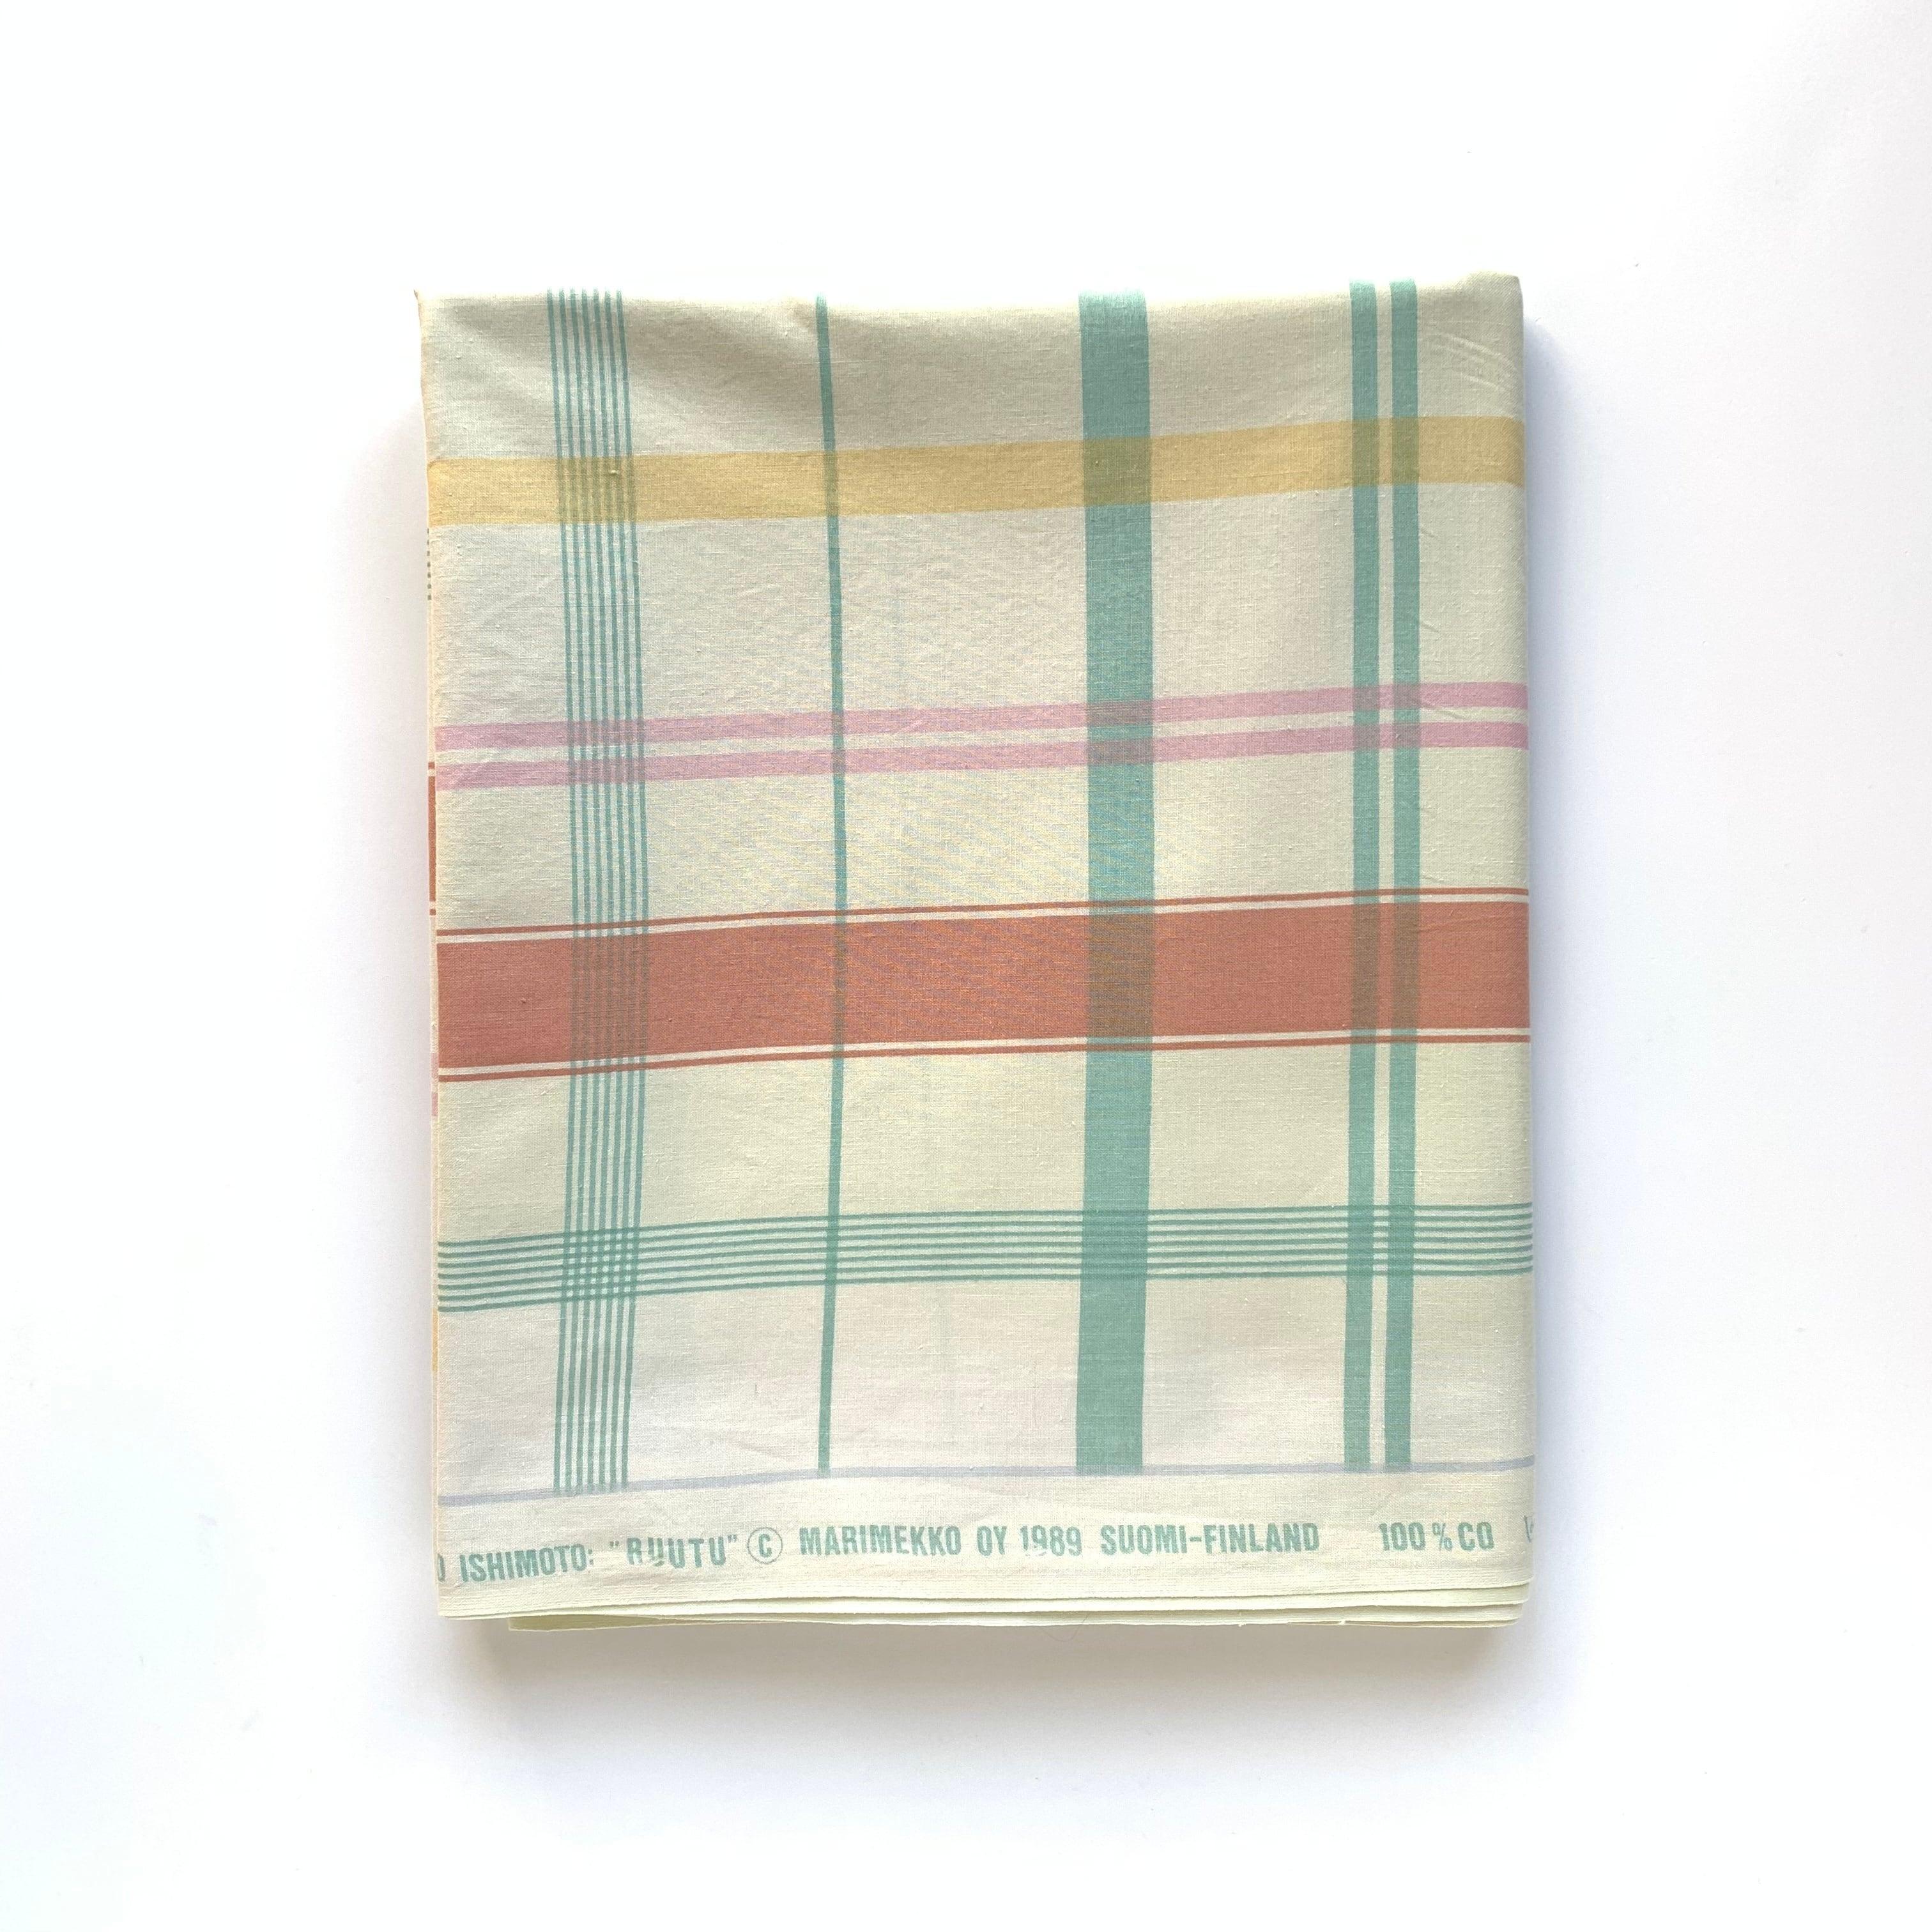 marimekko / Fabric / Fujiwo Ishimoto